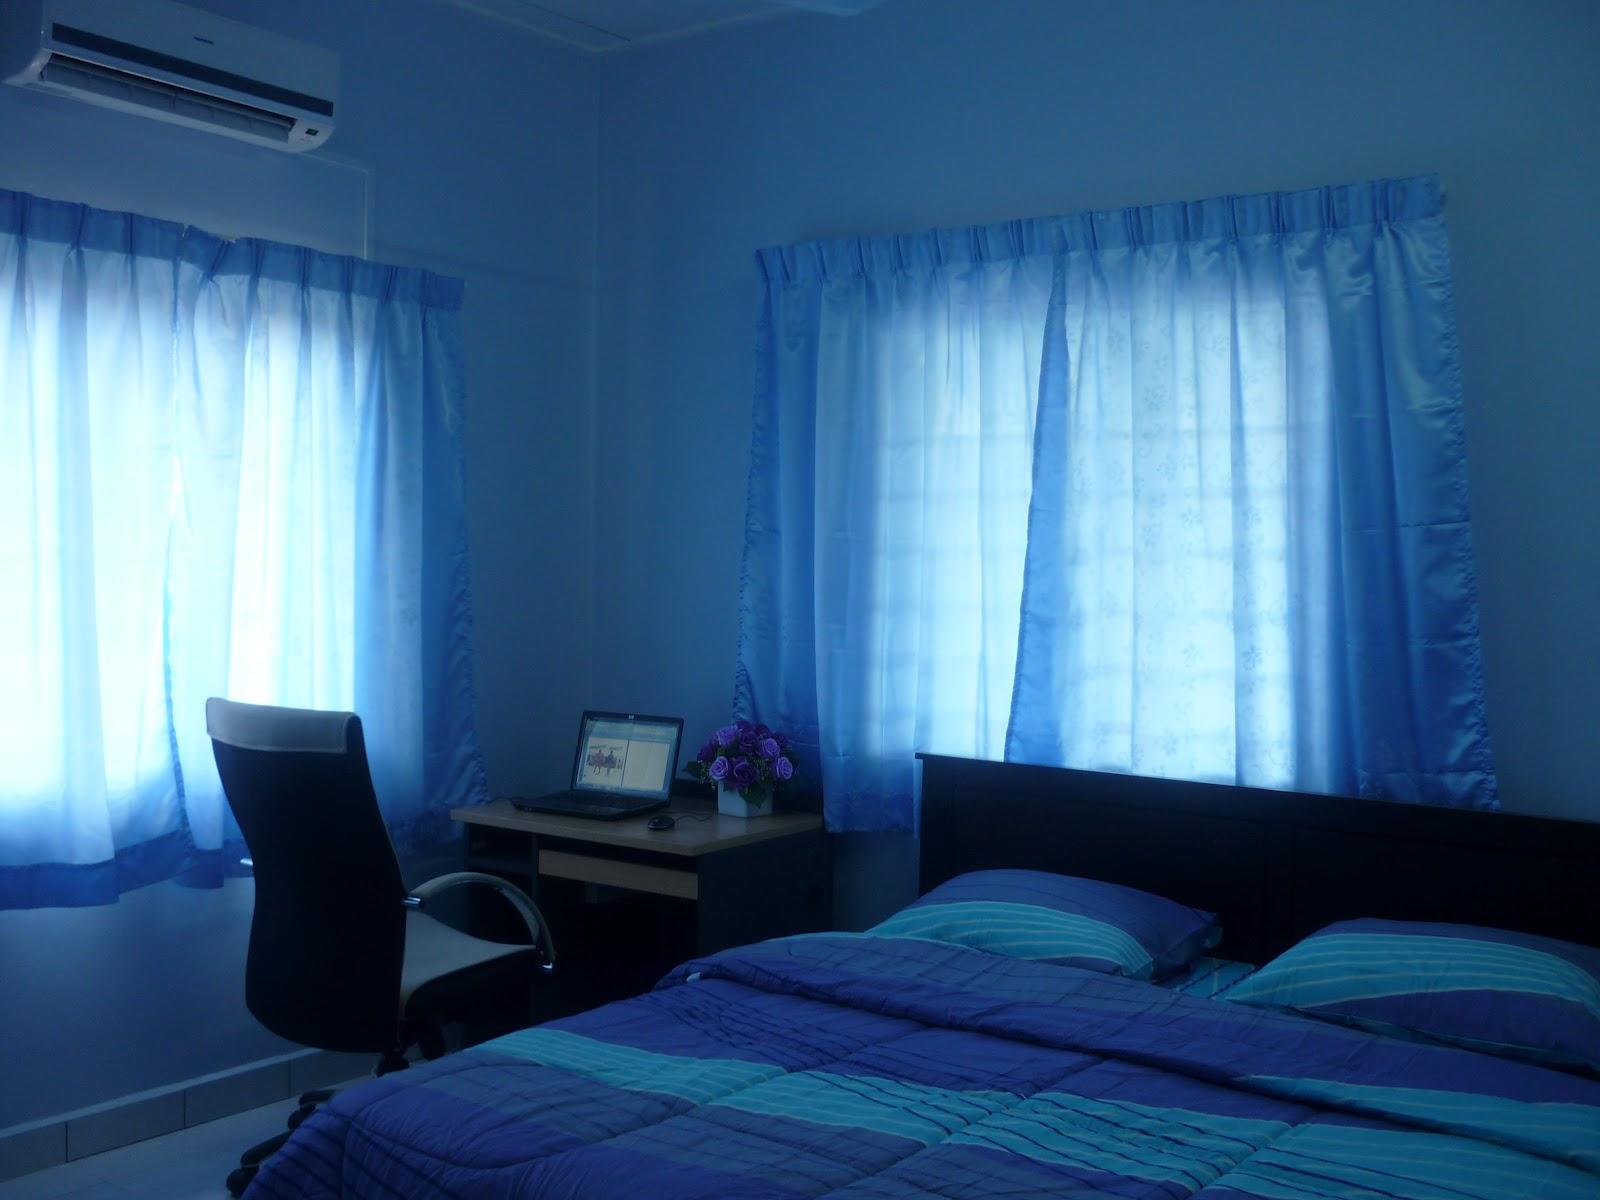 Semua Bilik Tidur Berwarna Biru Warna Romantik Dan Penyayang Mempunyai Hawa Dingin Satu